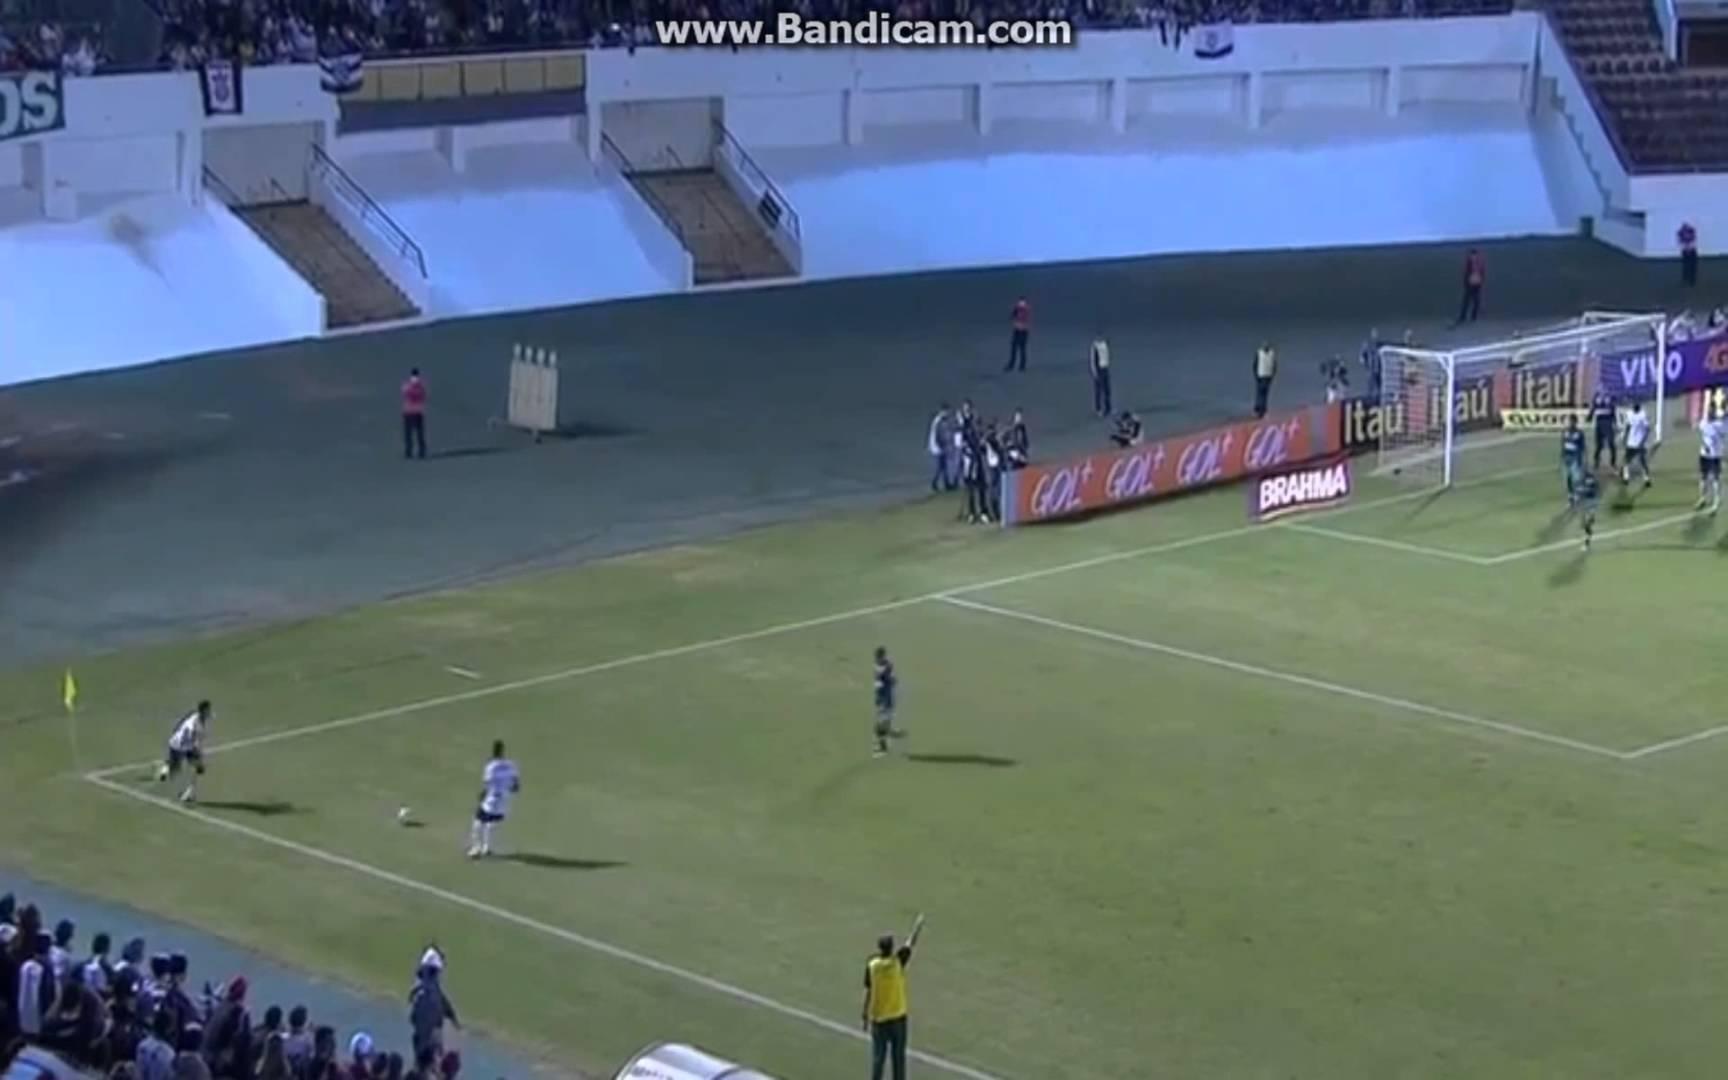 Video: Corinthians – Chapecoense (1-0), Serie A